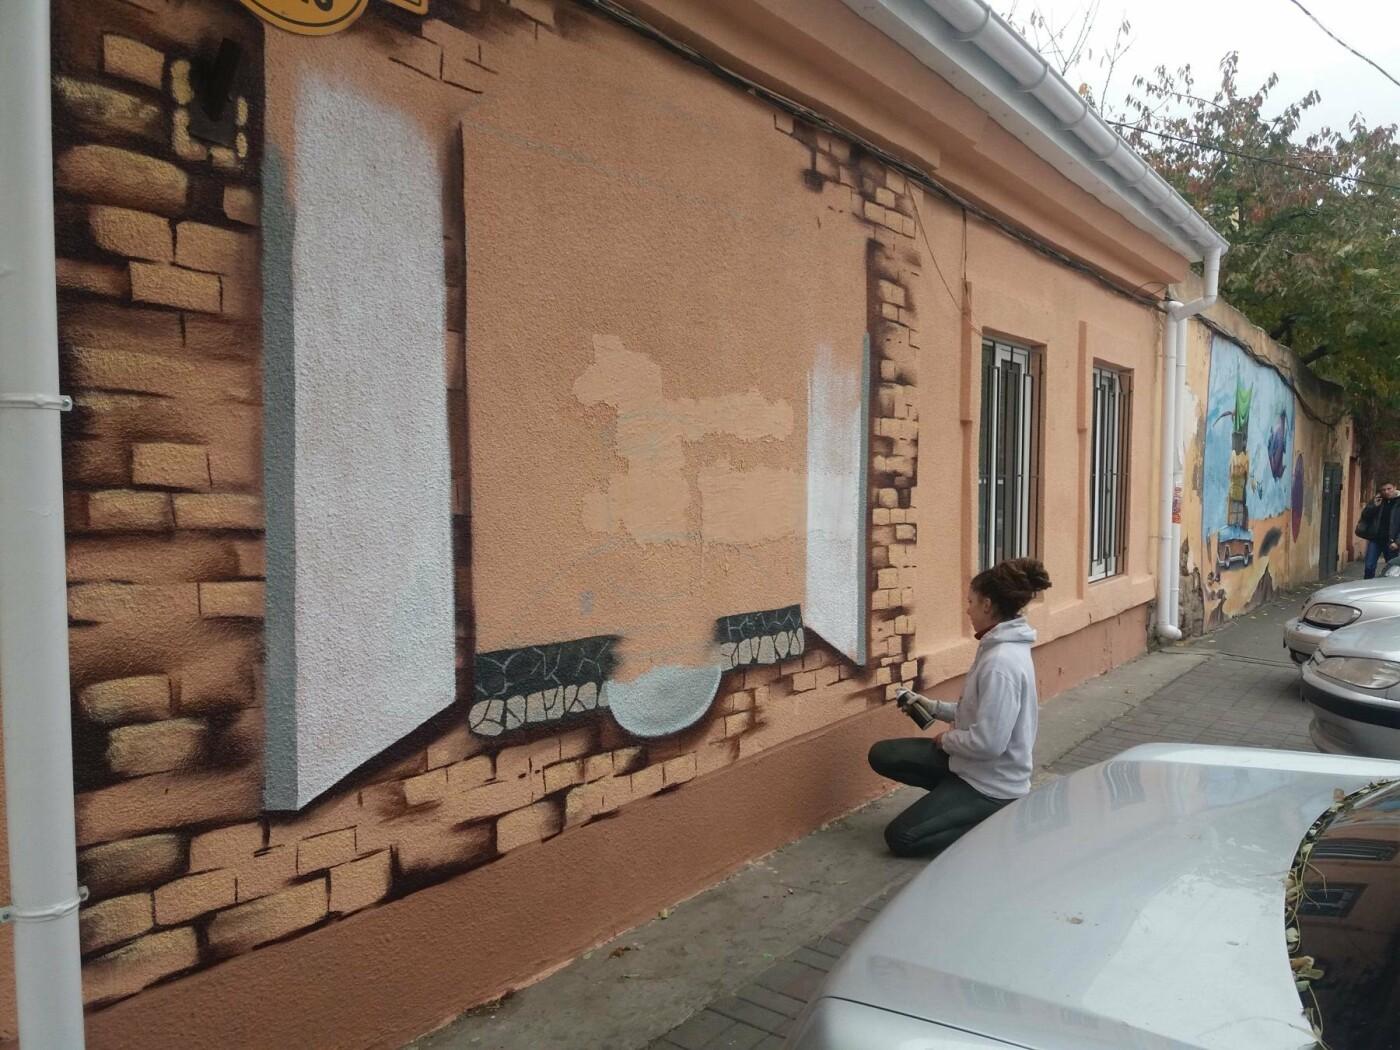 В центре Одессы обычную булочную превращают в шедевр граффити (ФОТО, ВИДЕО), фото-1